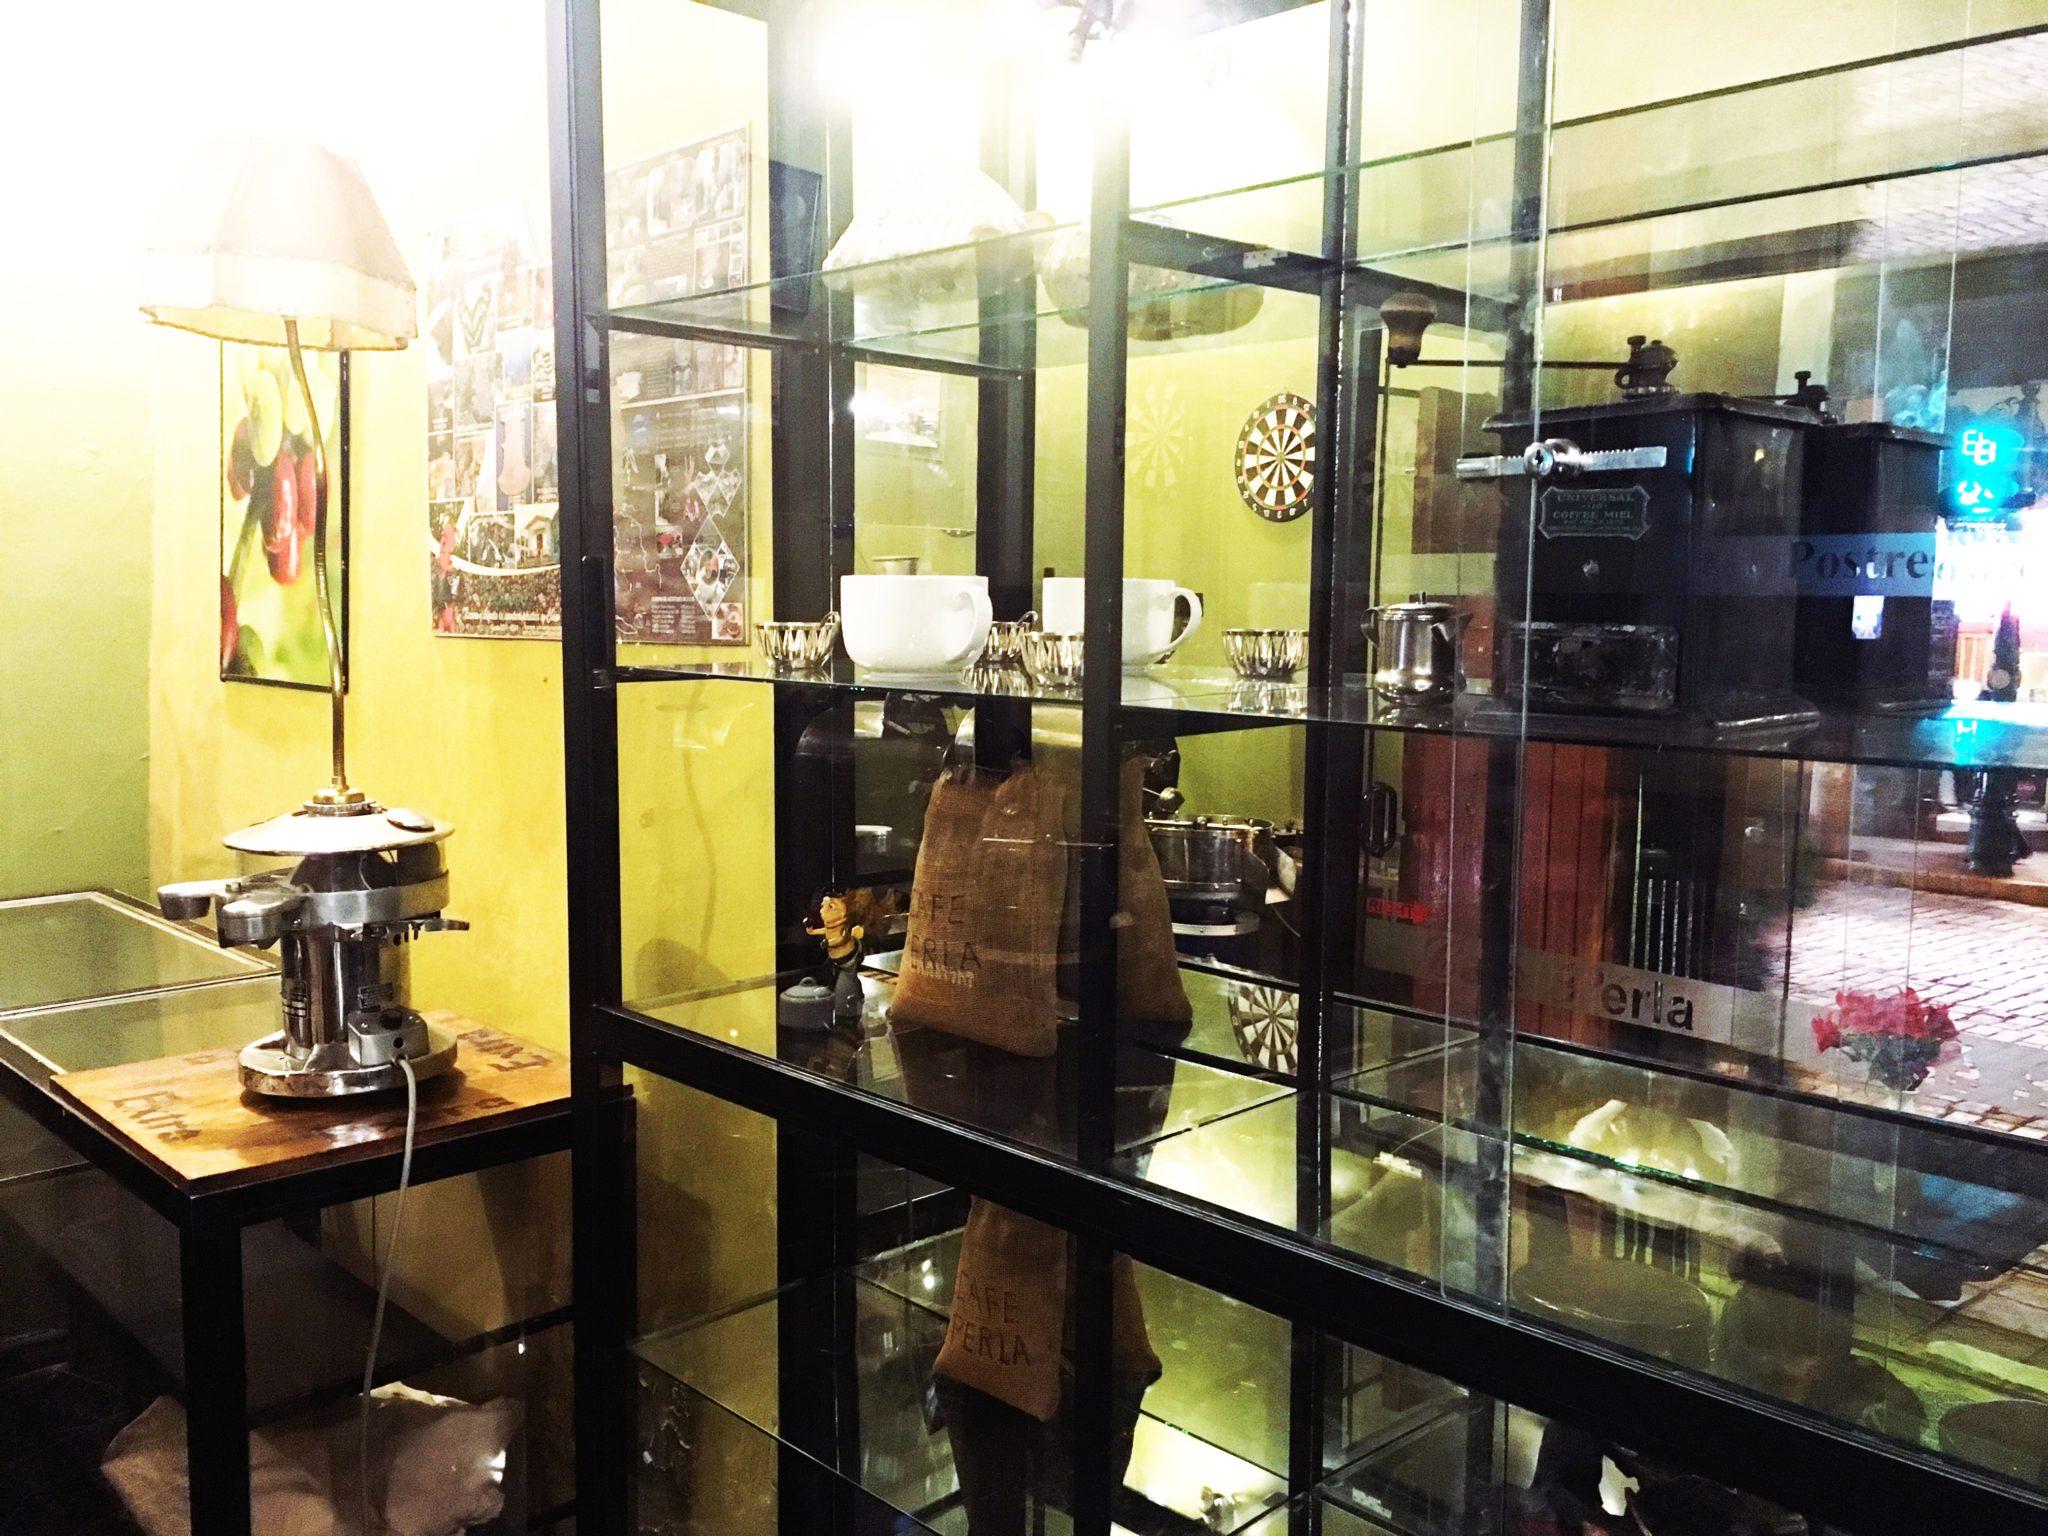 ペルー, クスコ, カフェ, おいしい, おすすめ, コーヒーペルー, クスコ, カフェ, おいしい, おすすめ, コーヒー